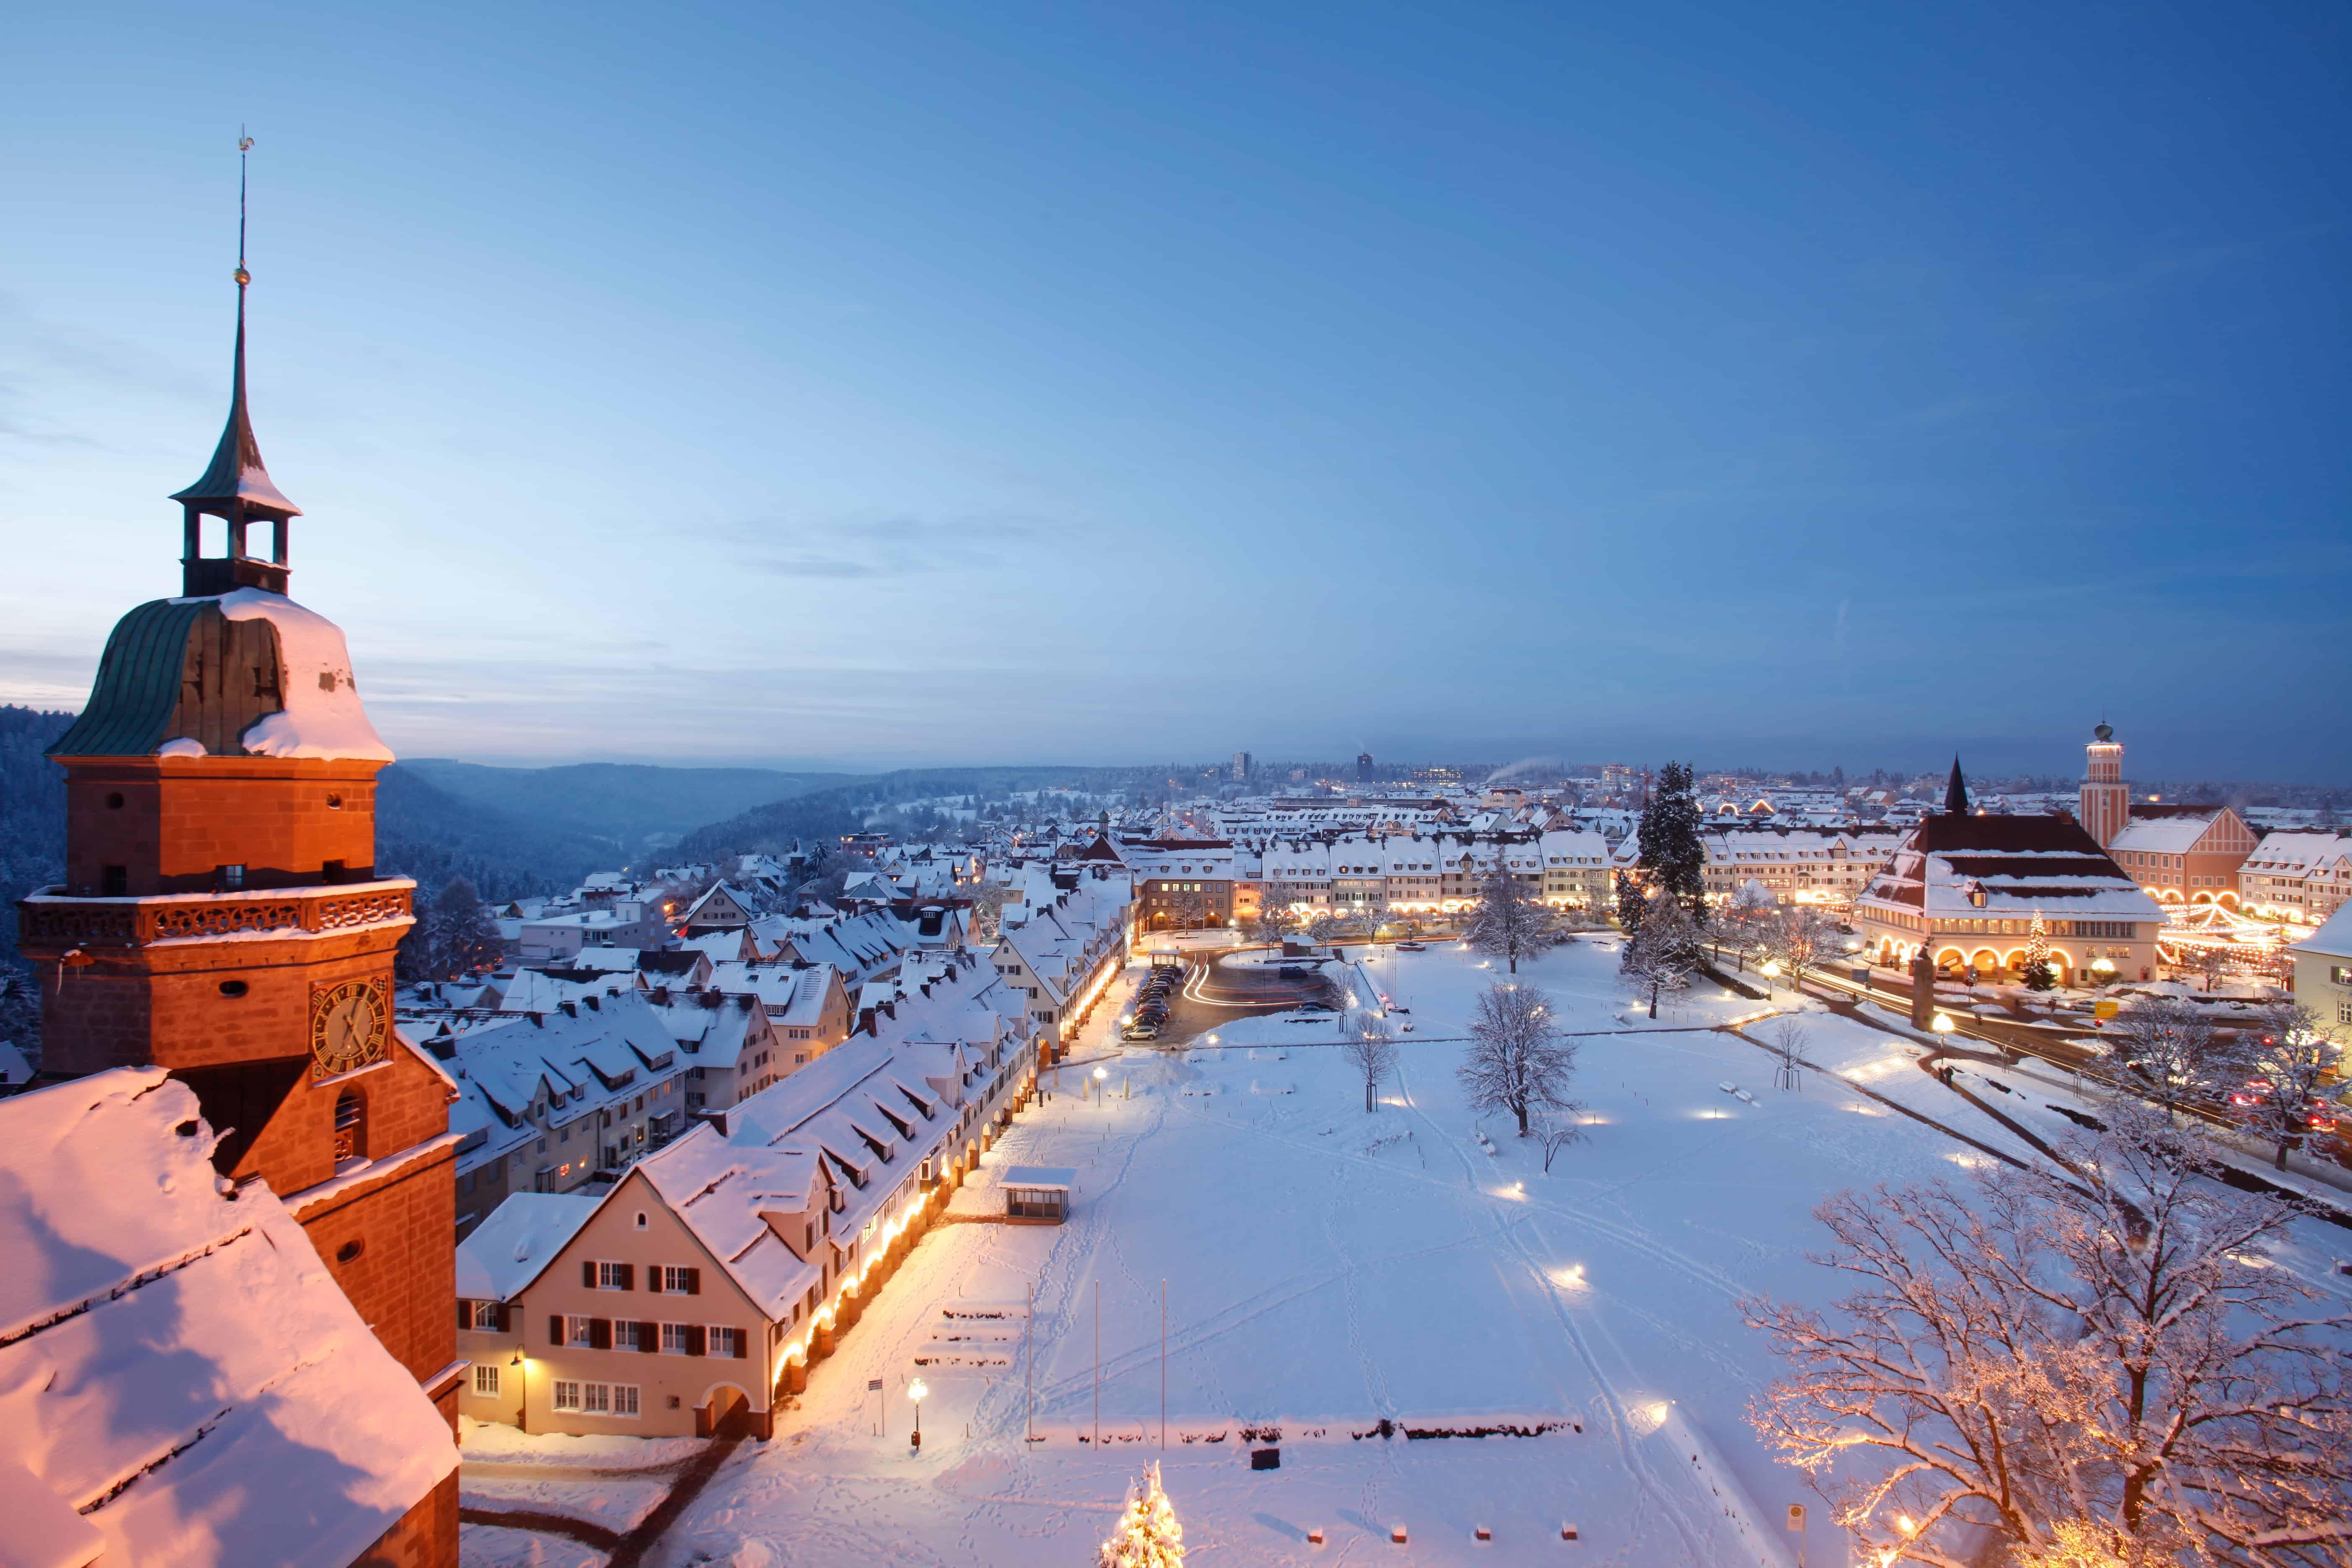 Winter WOnderland auf dem Weihnachtsmarkt in Freudenstadt